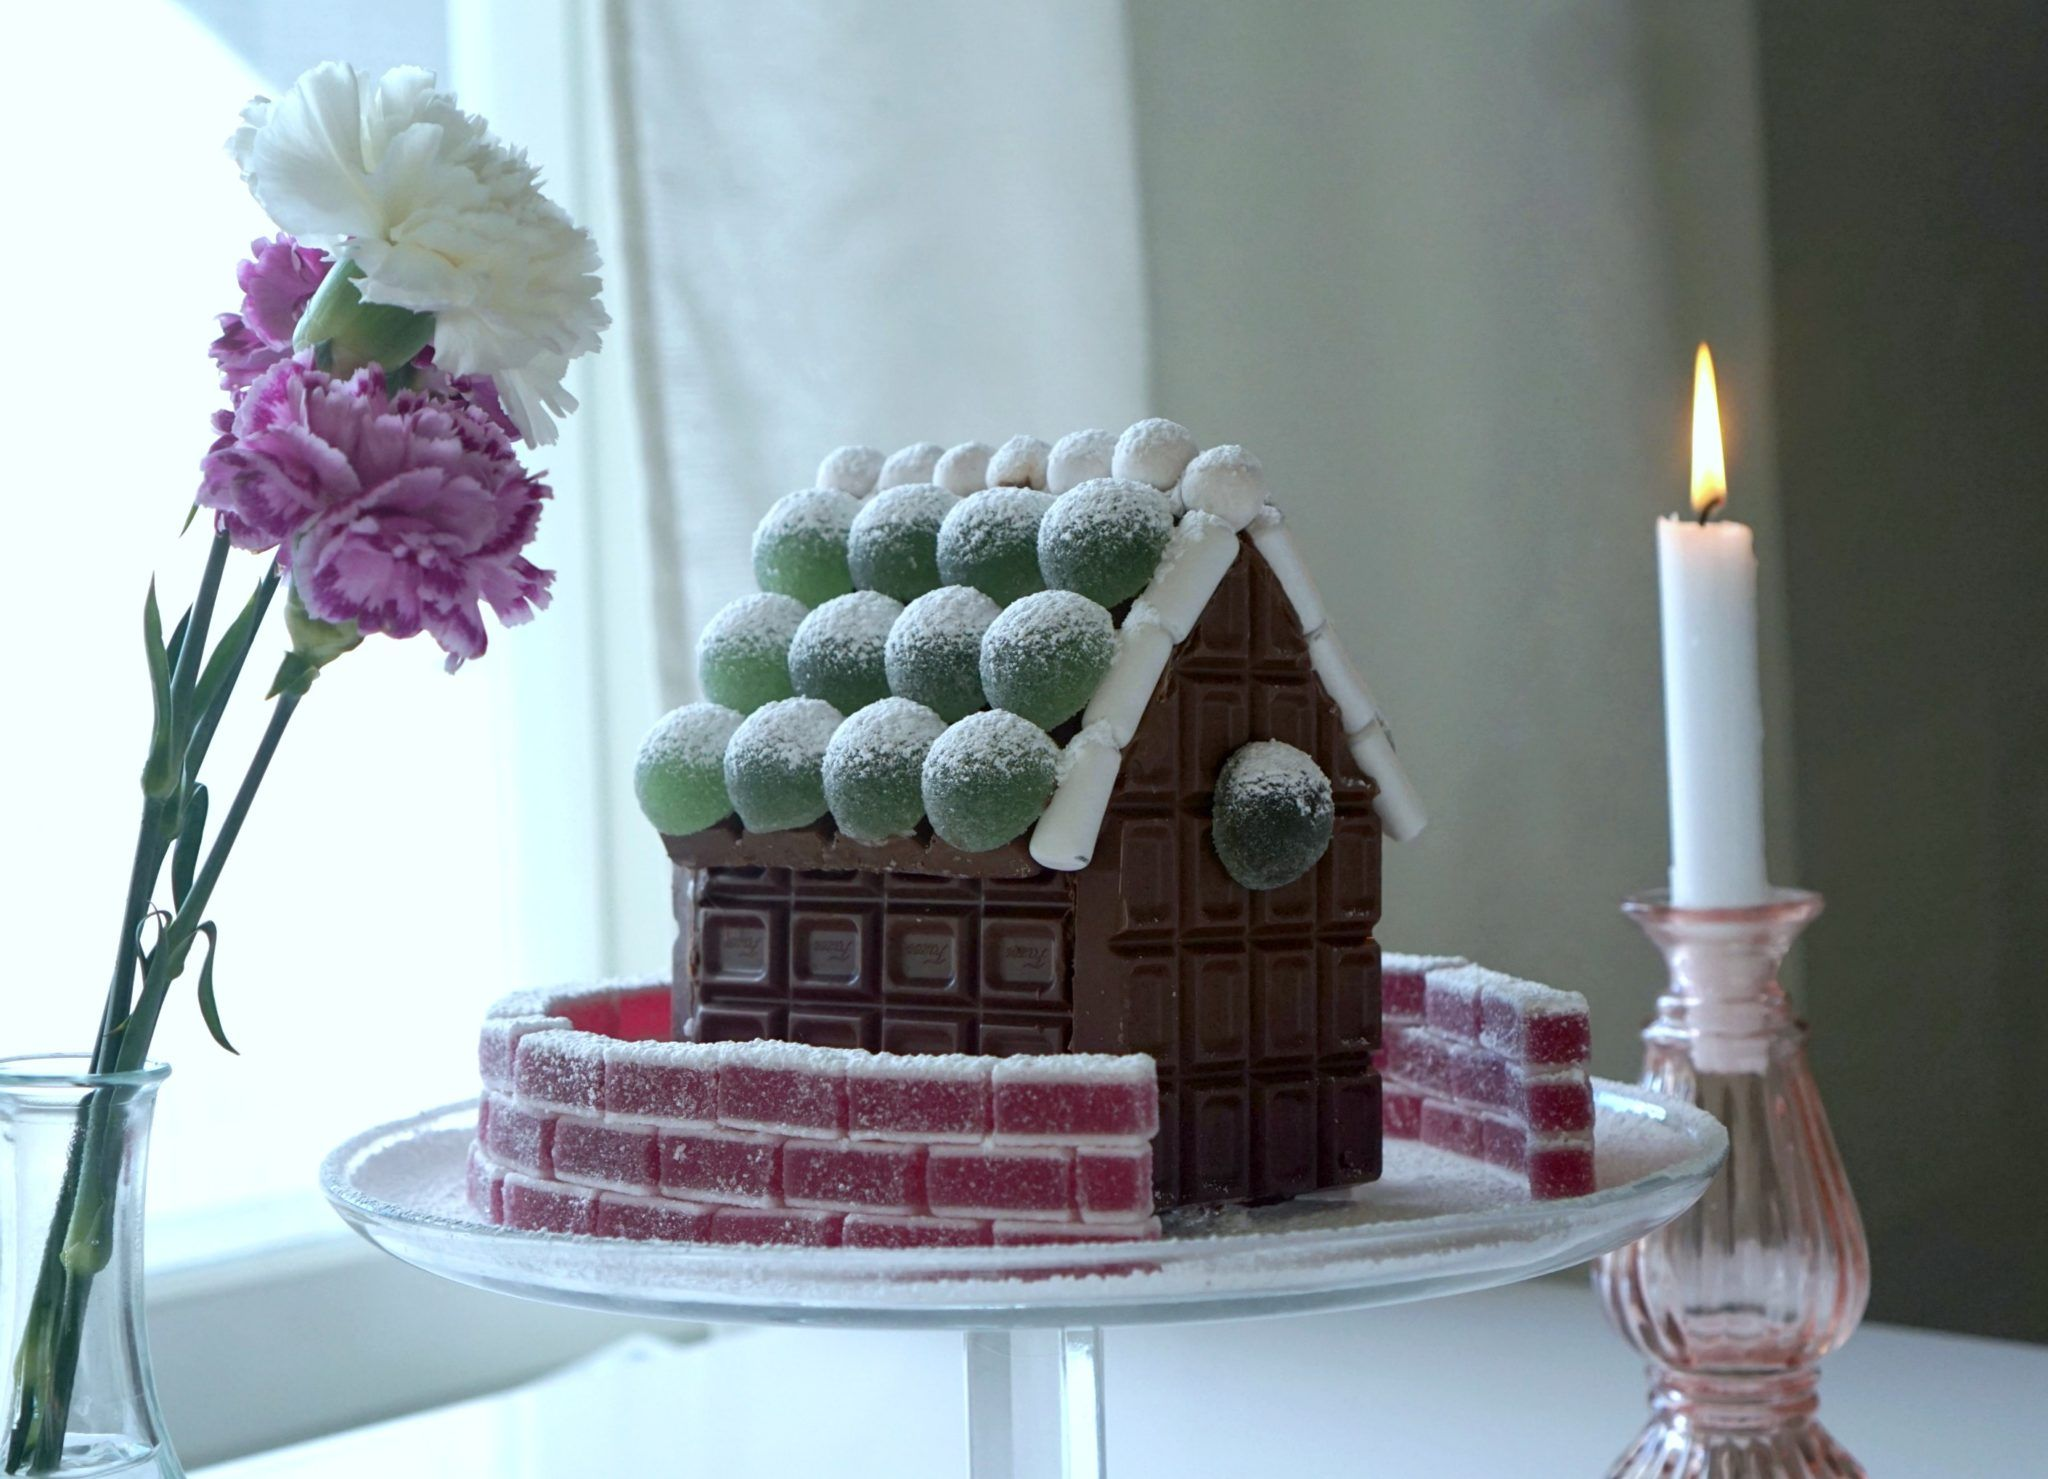 Jouluhuumassa ajattelin jo piparkakkutaloja pöytäkoristeeksi, mutta päädyinkin googlen kautta ihastumaan Fazerin suklaataloihin. Näissä oli käytetty tämän joulun hittikarkkia eli vihreitä kuulia, joita näkeekin nyt paljon erilaisissa leivonnaisissa. Tomusokeri on aina kaunis lisä talvisiin leipomuksiin ja...